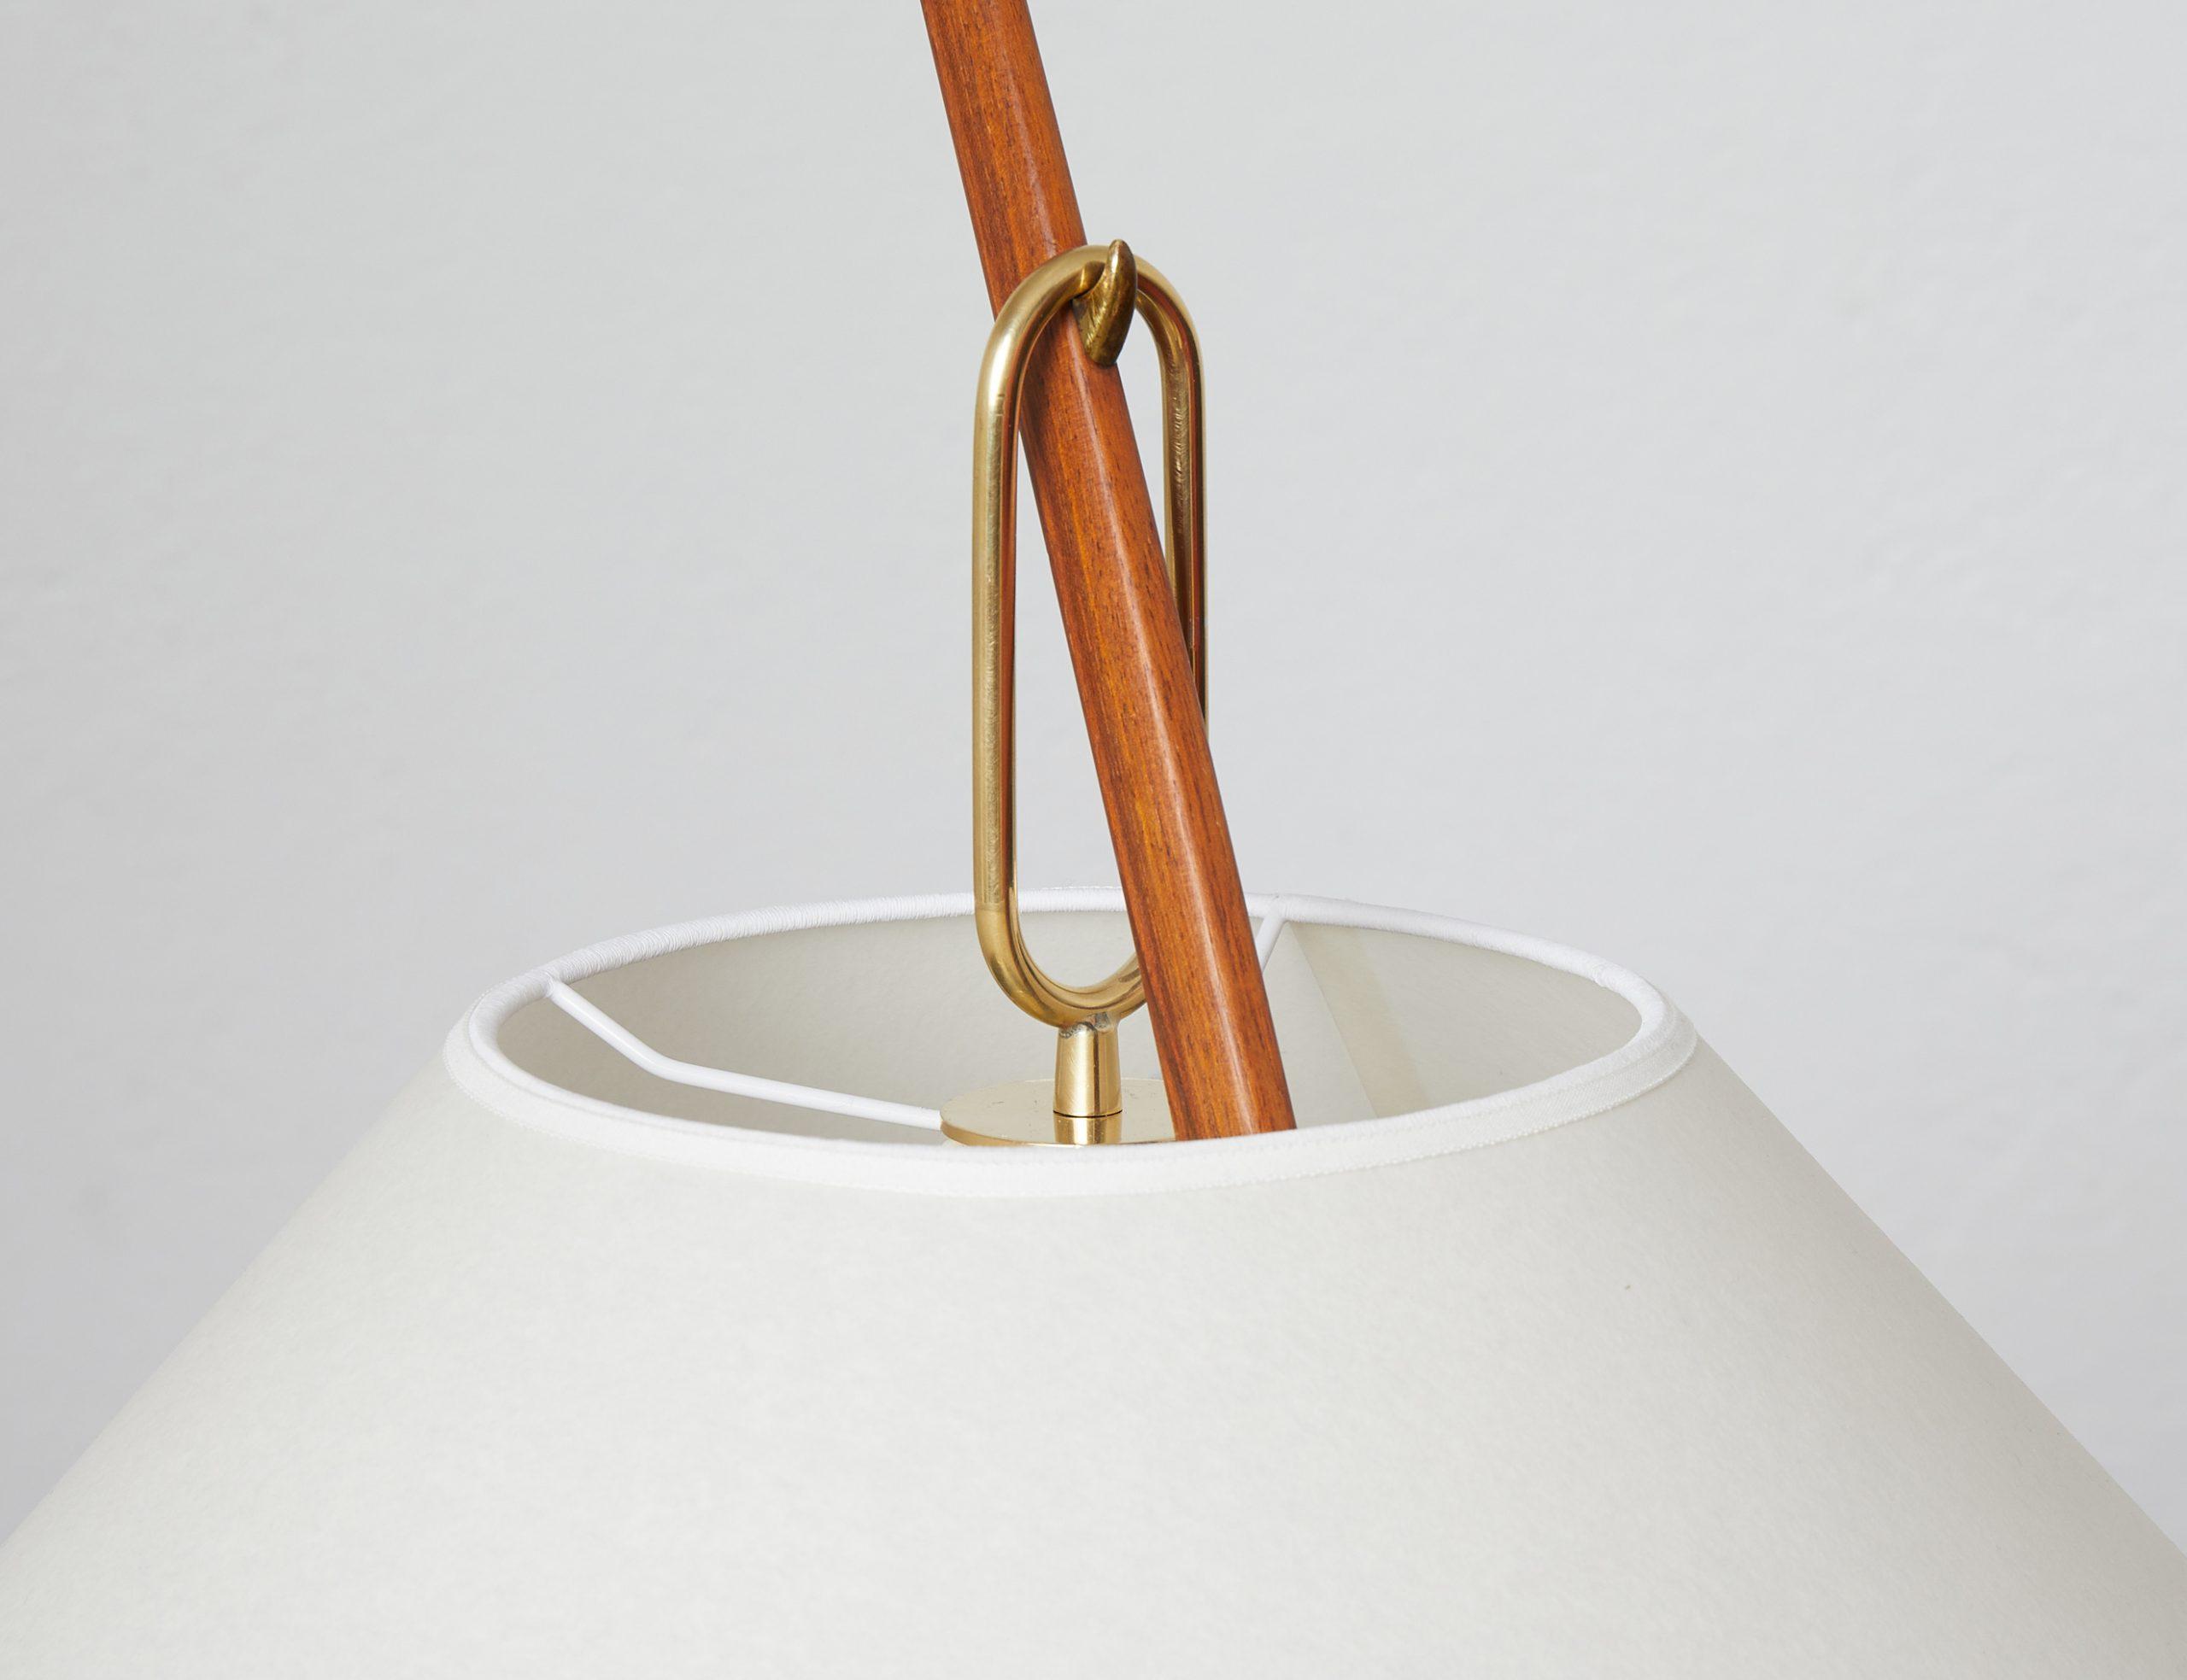 model-2076-ordornstab-floor-lamp-in-teak-and-brass-by-j-t-kalmar-1950-image-06